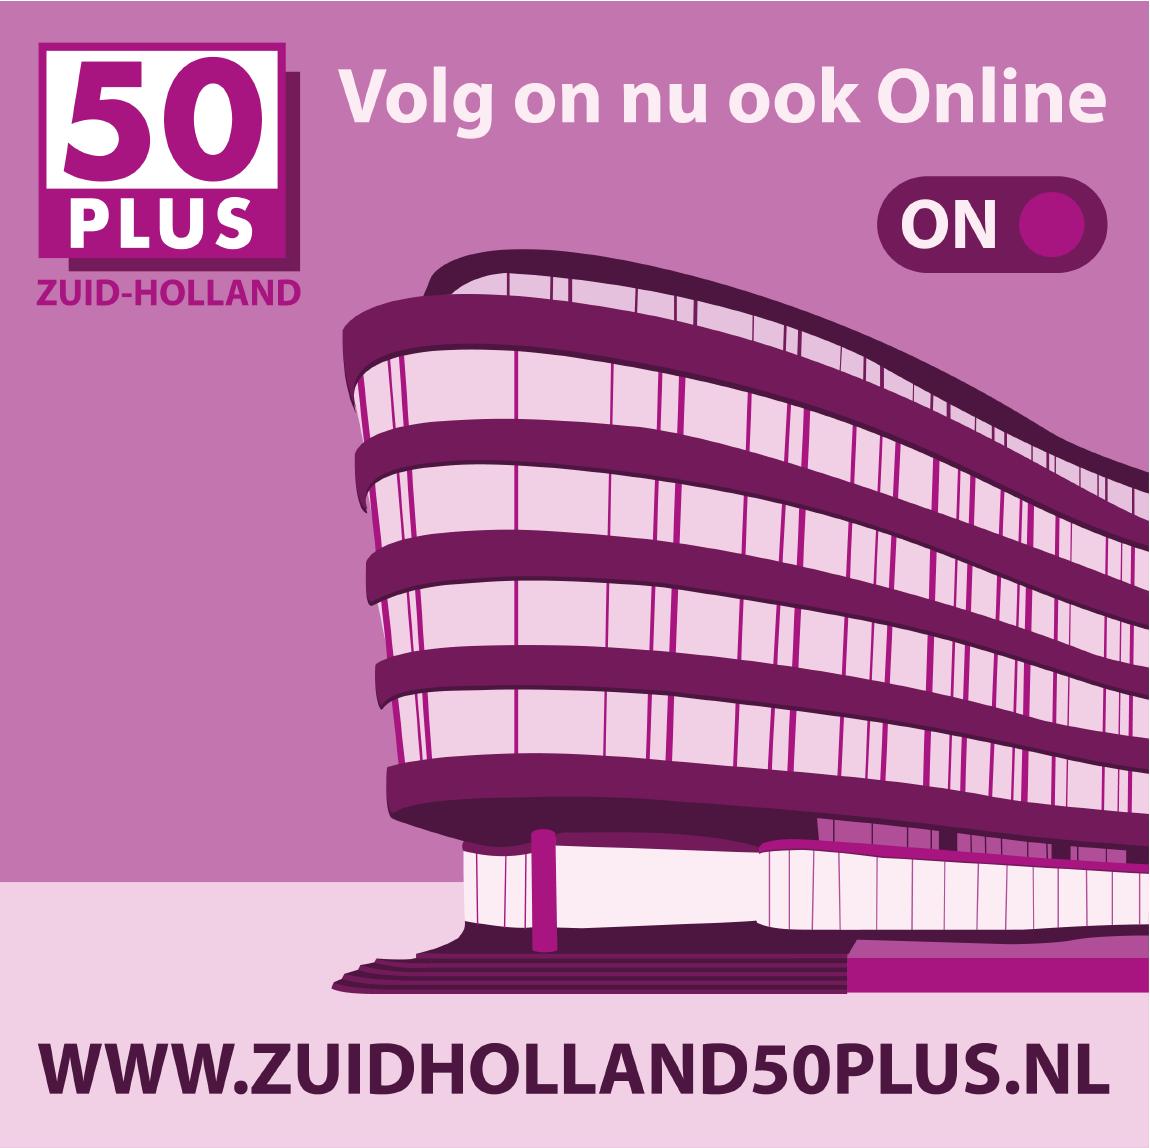 50PLUS Zuid-Holland heeft haar website vernieuwd!